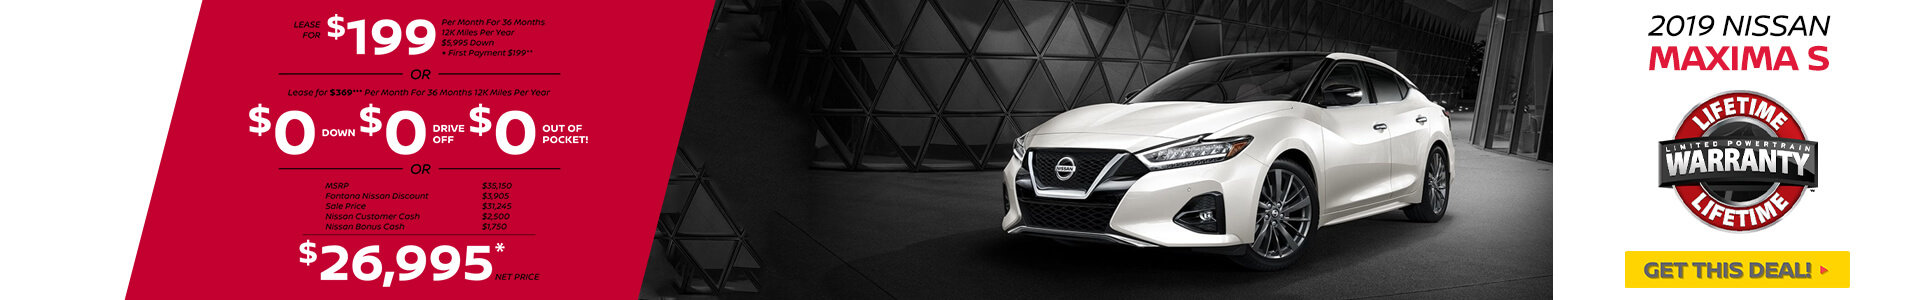 Nissan Maxima $199 Lease